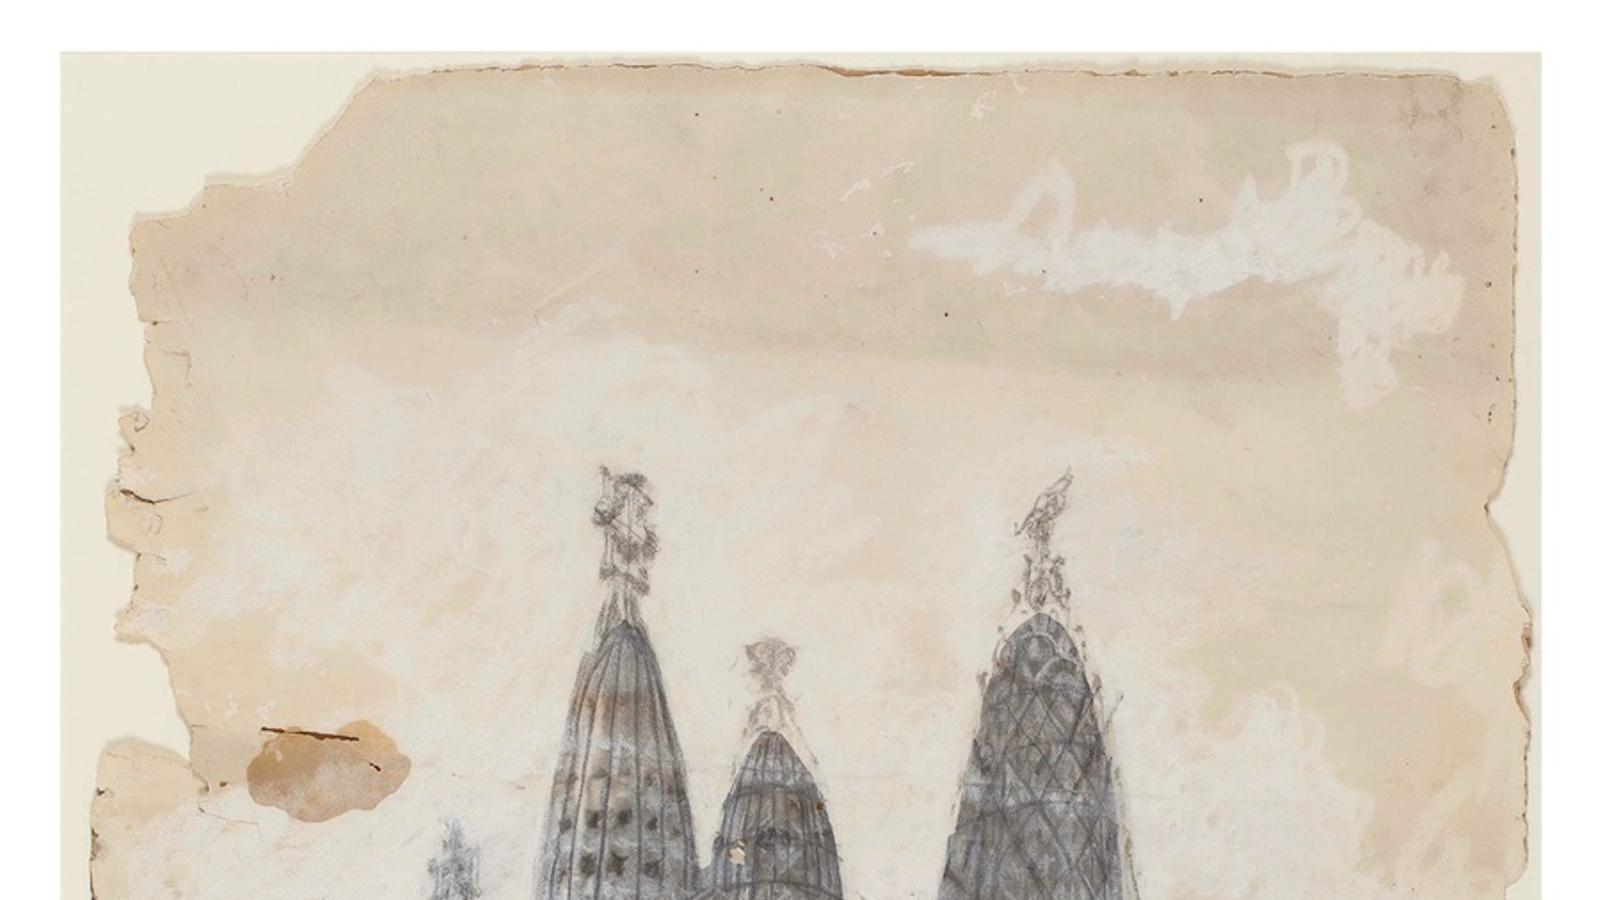 Croquis de l'exterior de l'església de la Colònia Güell, de Gaudí / BALCLI'S